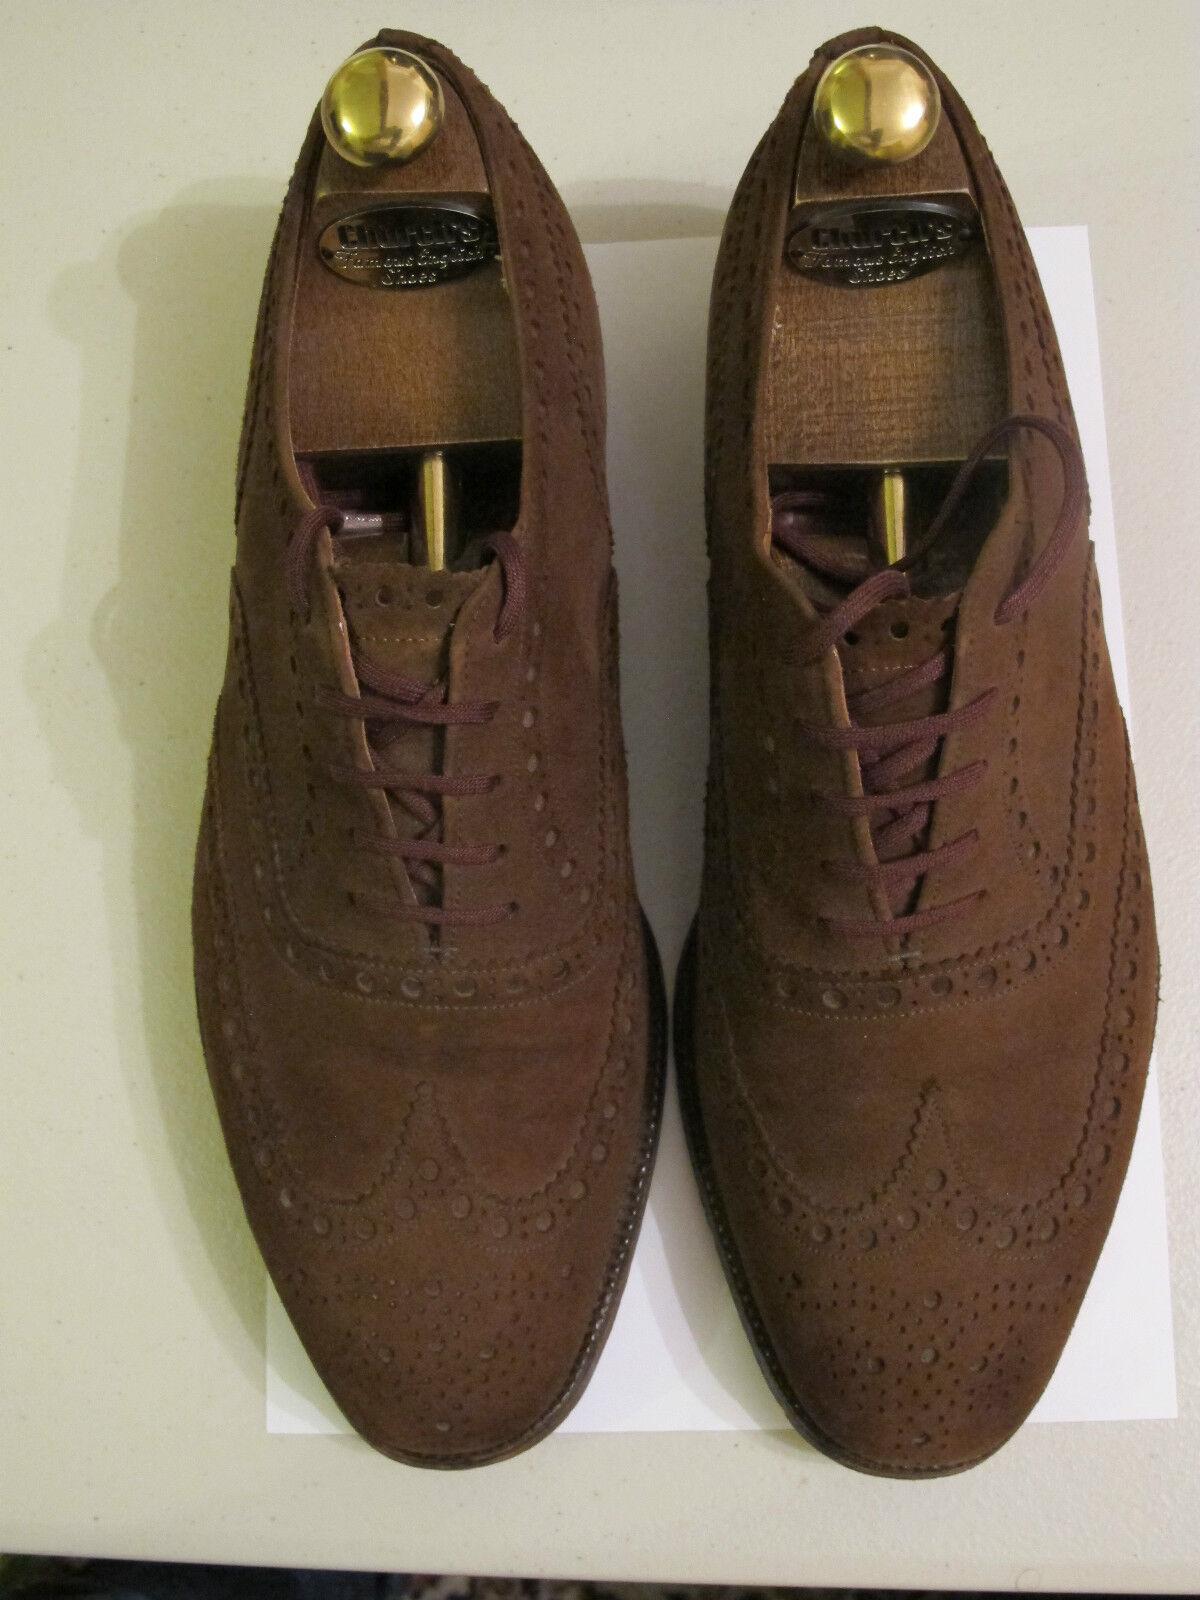 Church's zapatos. Vintage. Marrón. nuevo Buck Brogue Zapatos. + Zapato árboles